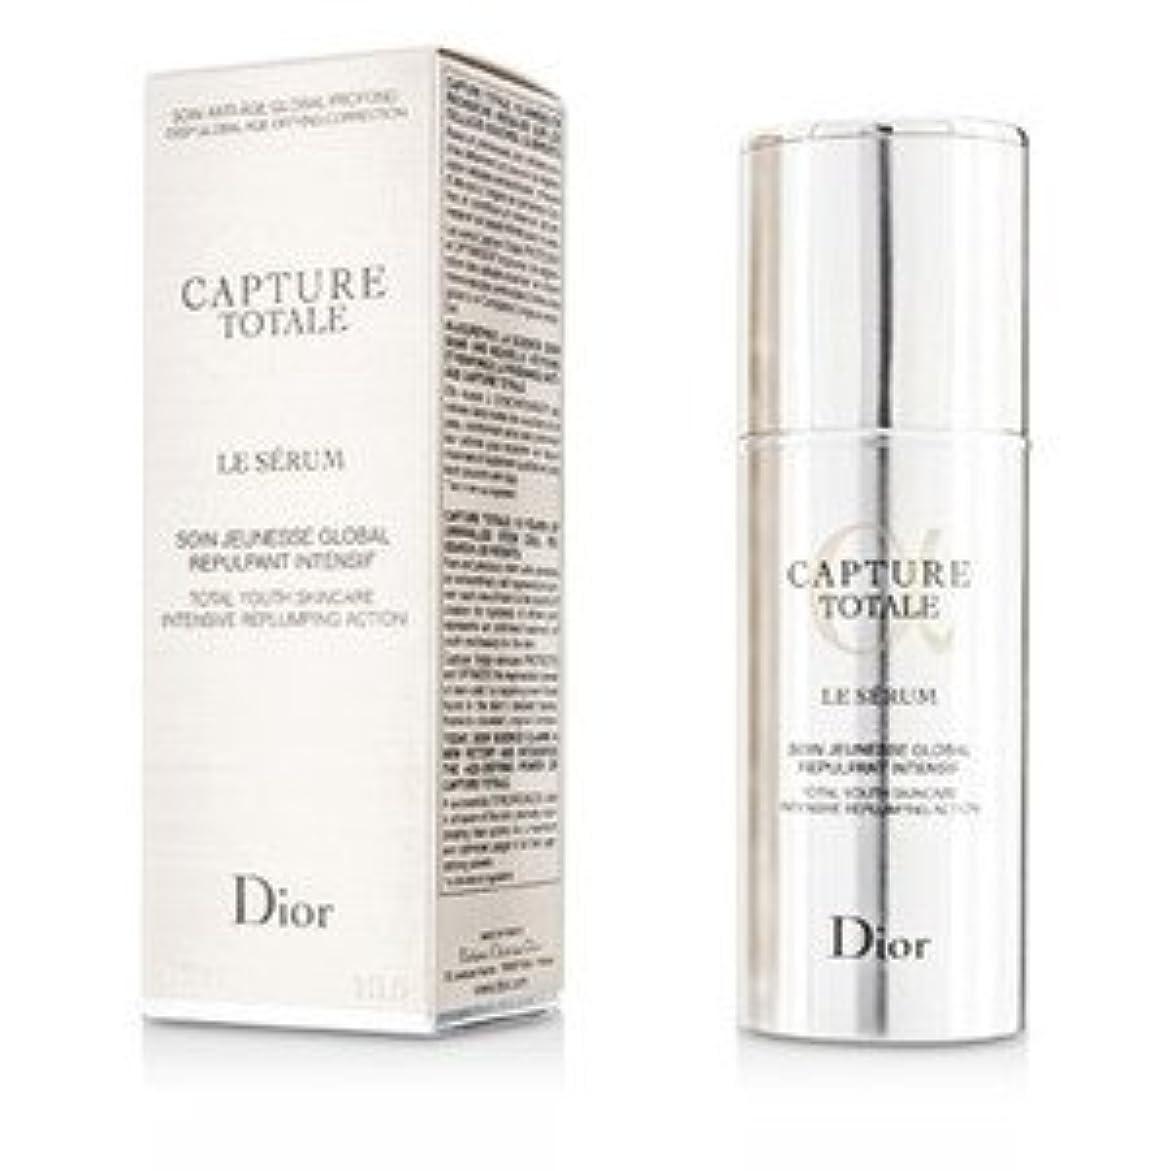 農場キャッチ理由Dior(ディオール) カプチュール トータル ル セラム 30ml/1oz [並行輸入品]